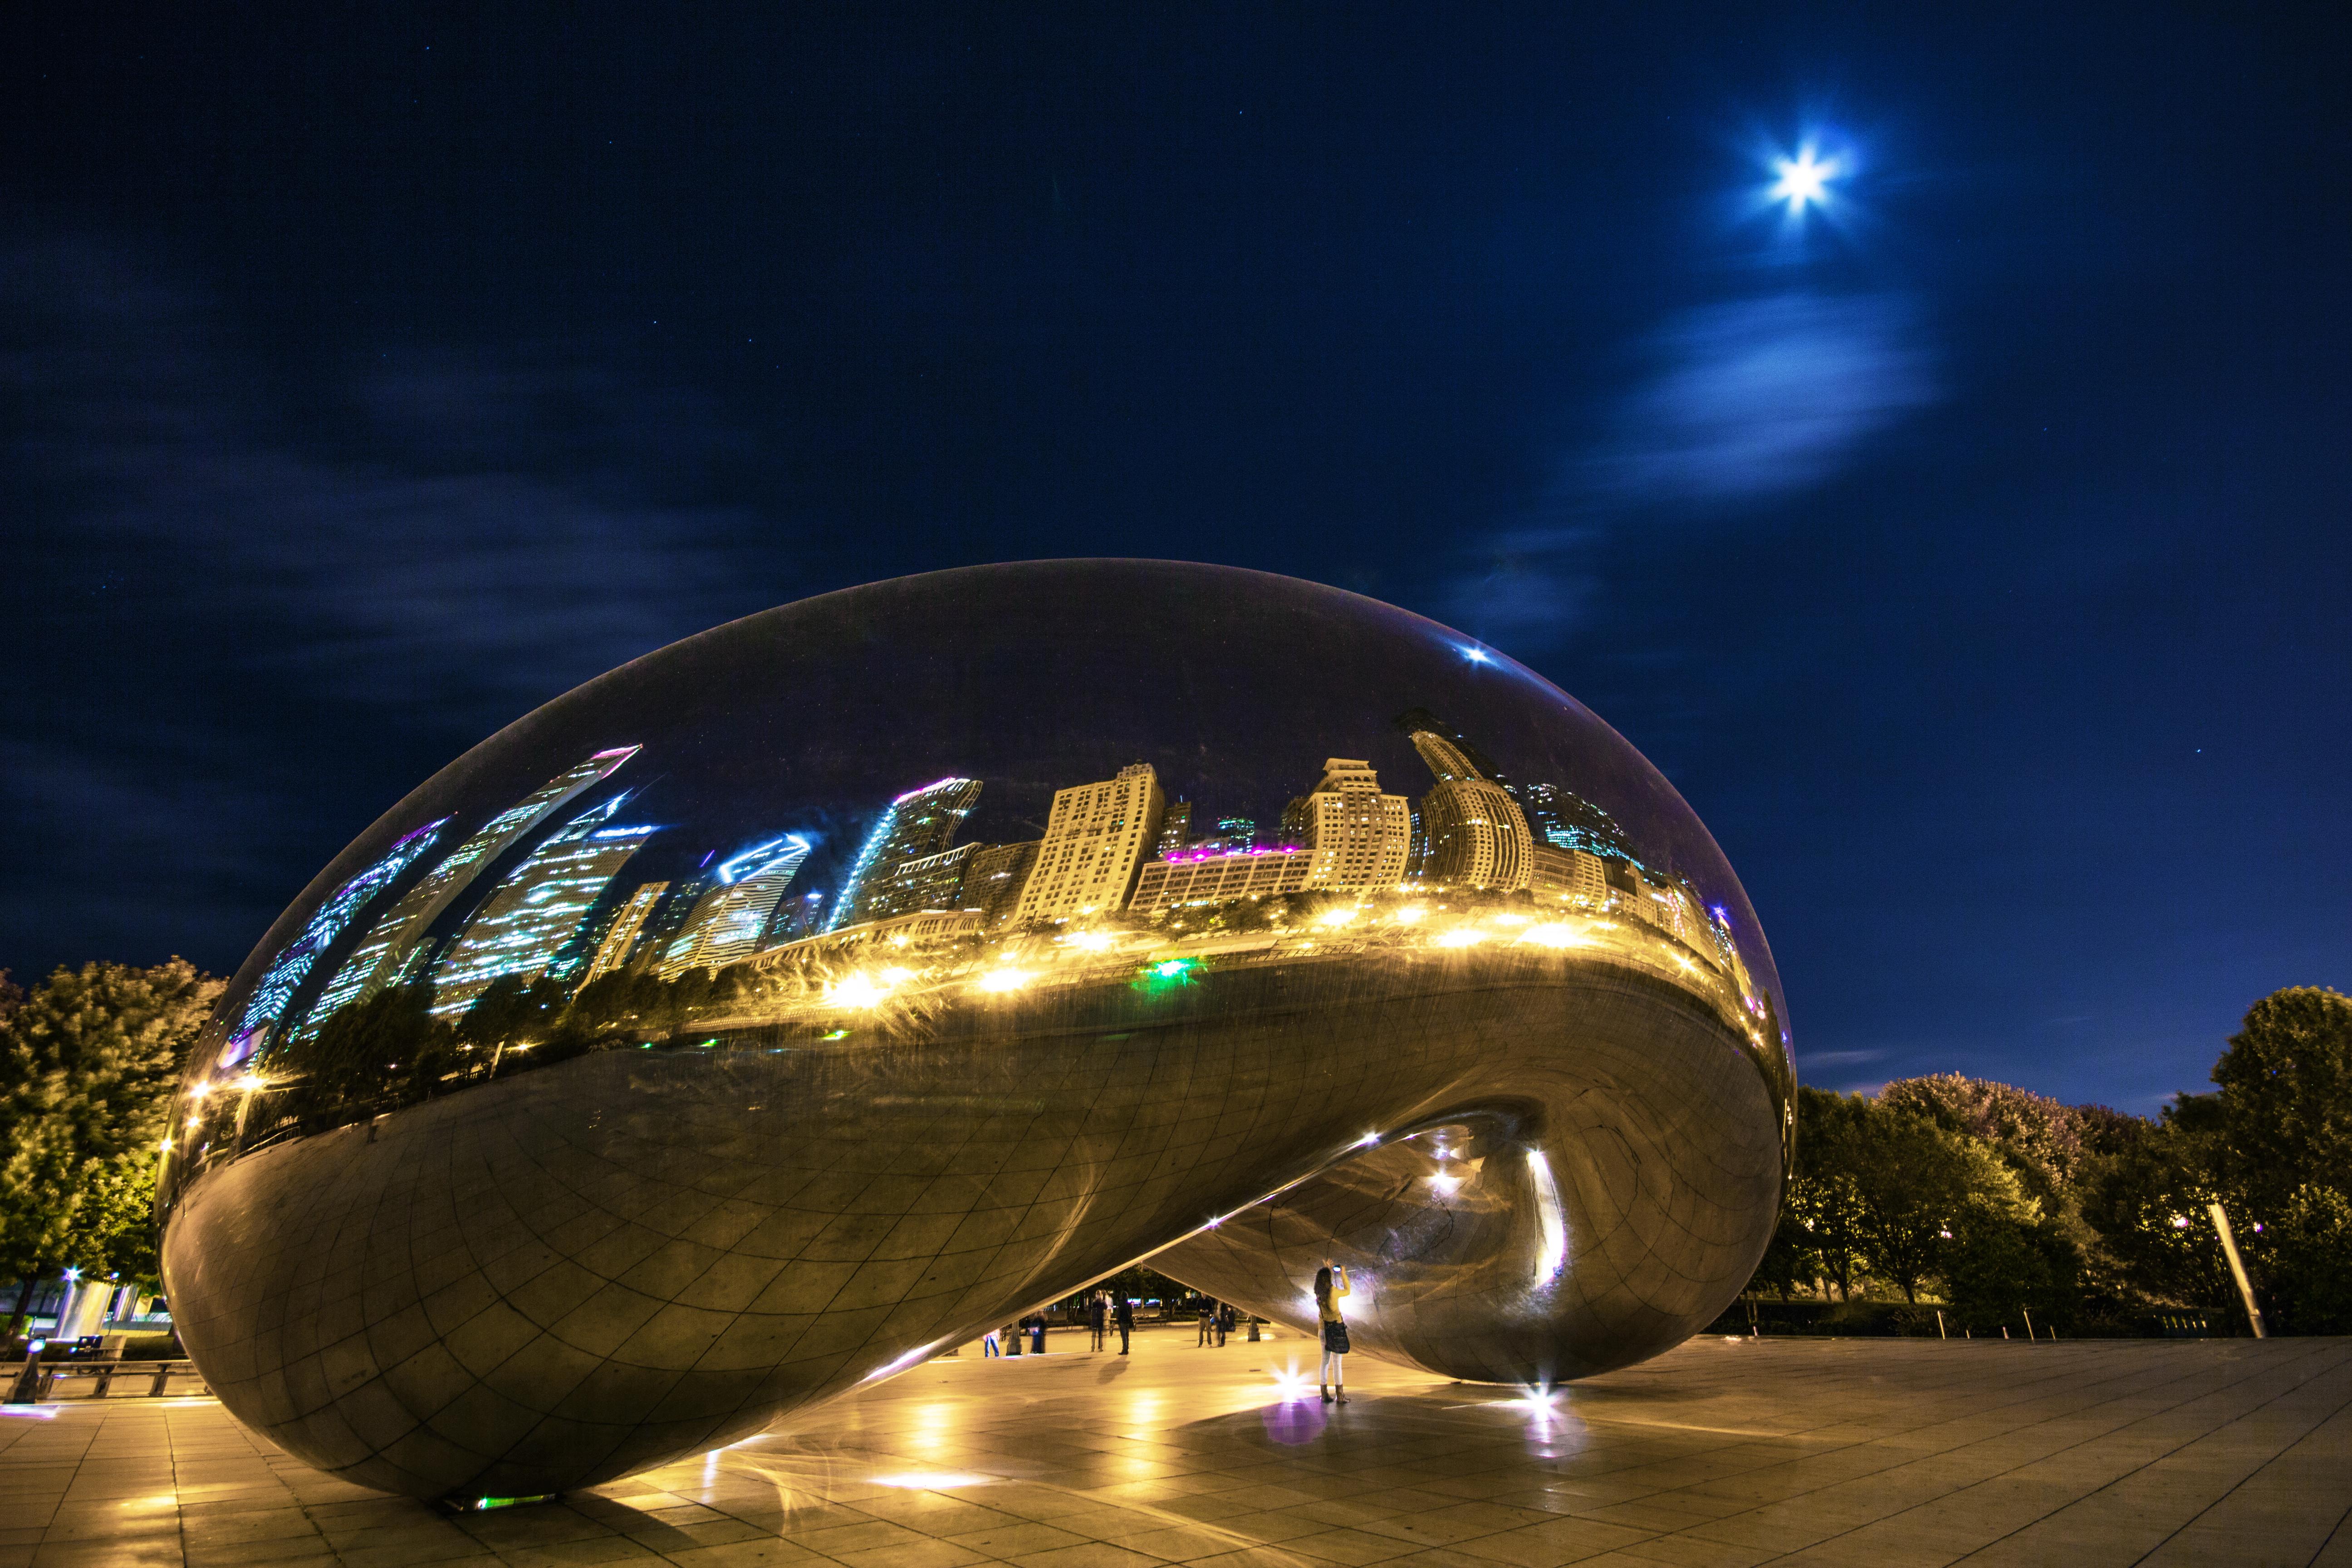 Hintergrundbilder : Nacht-, Betrachtung, Zug, Mond, Abend, Welt ...